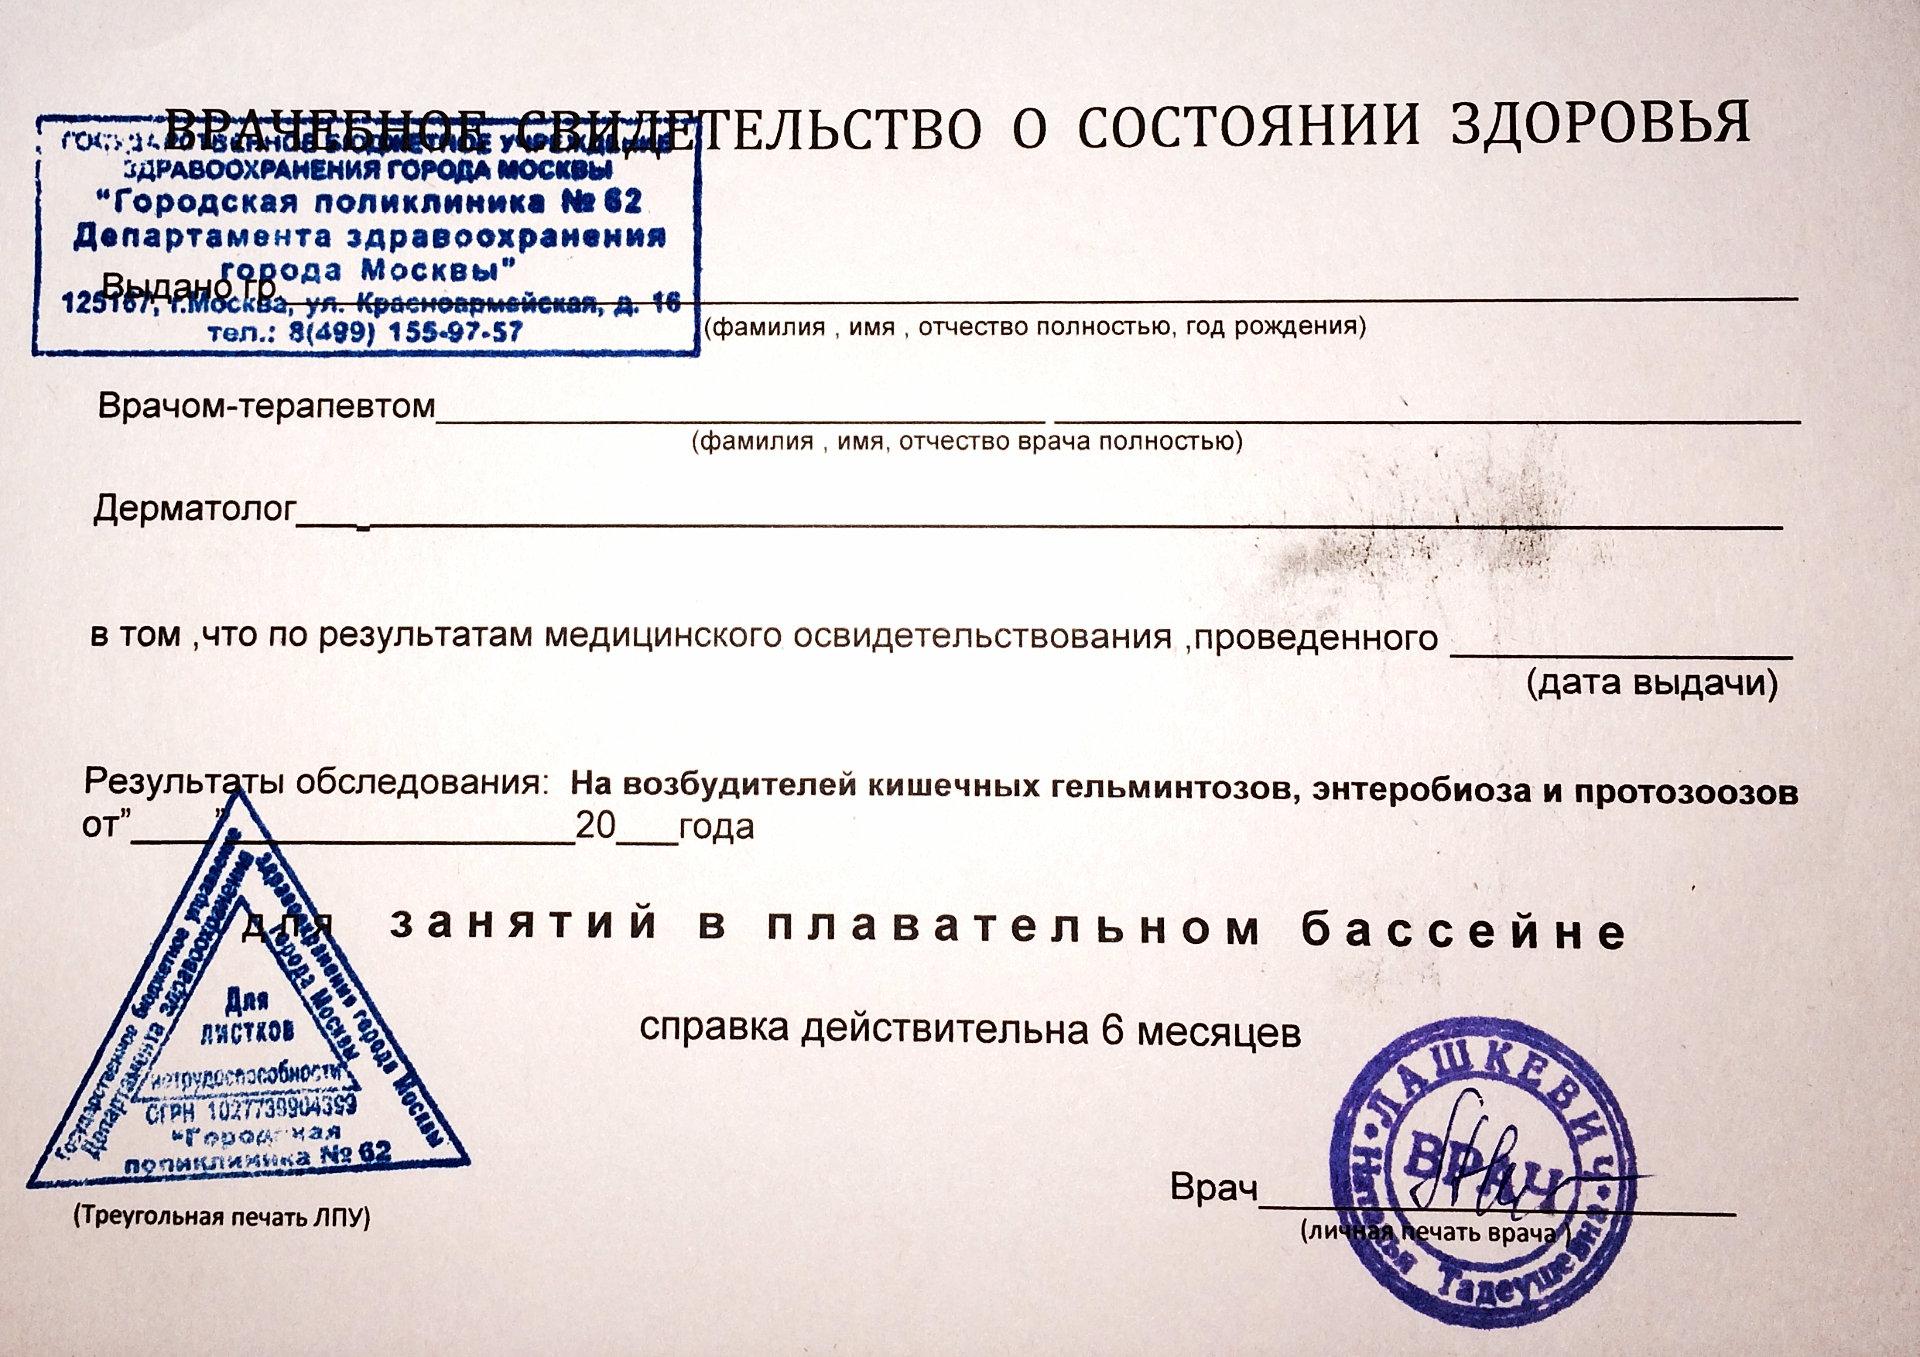 Справка от дерматолога в бассейн купить в Климовске